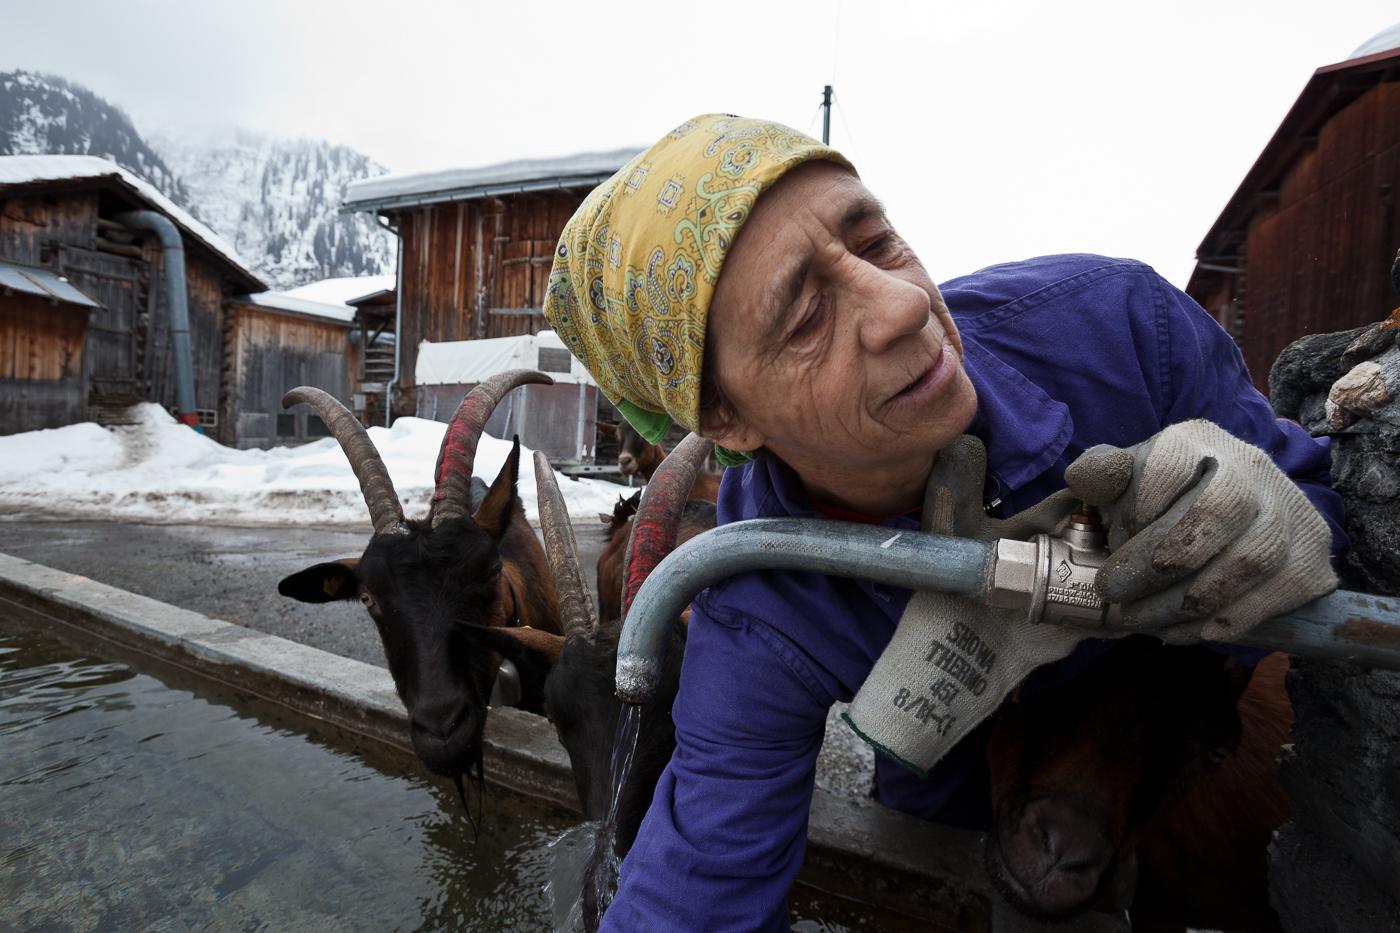 Verner Soler_USA-Switzerland_Visits to my village_16.jpg